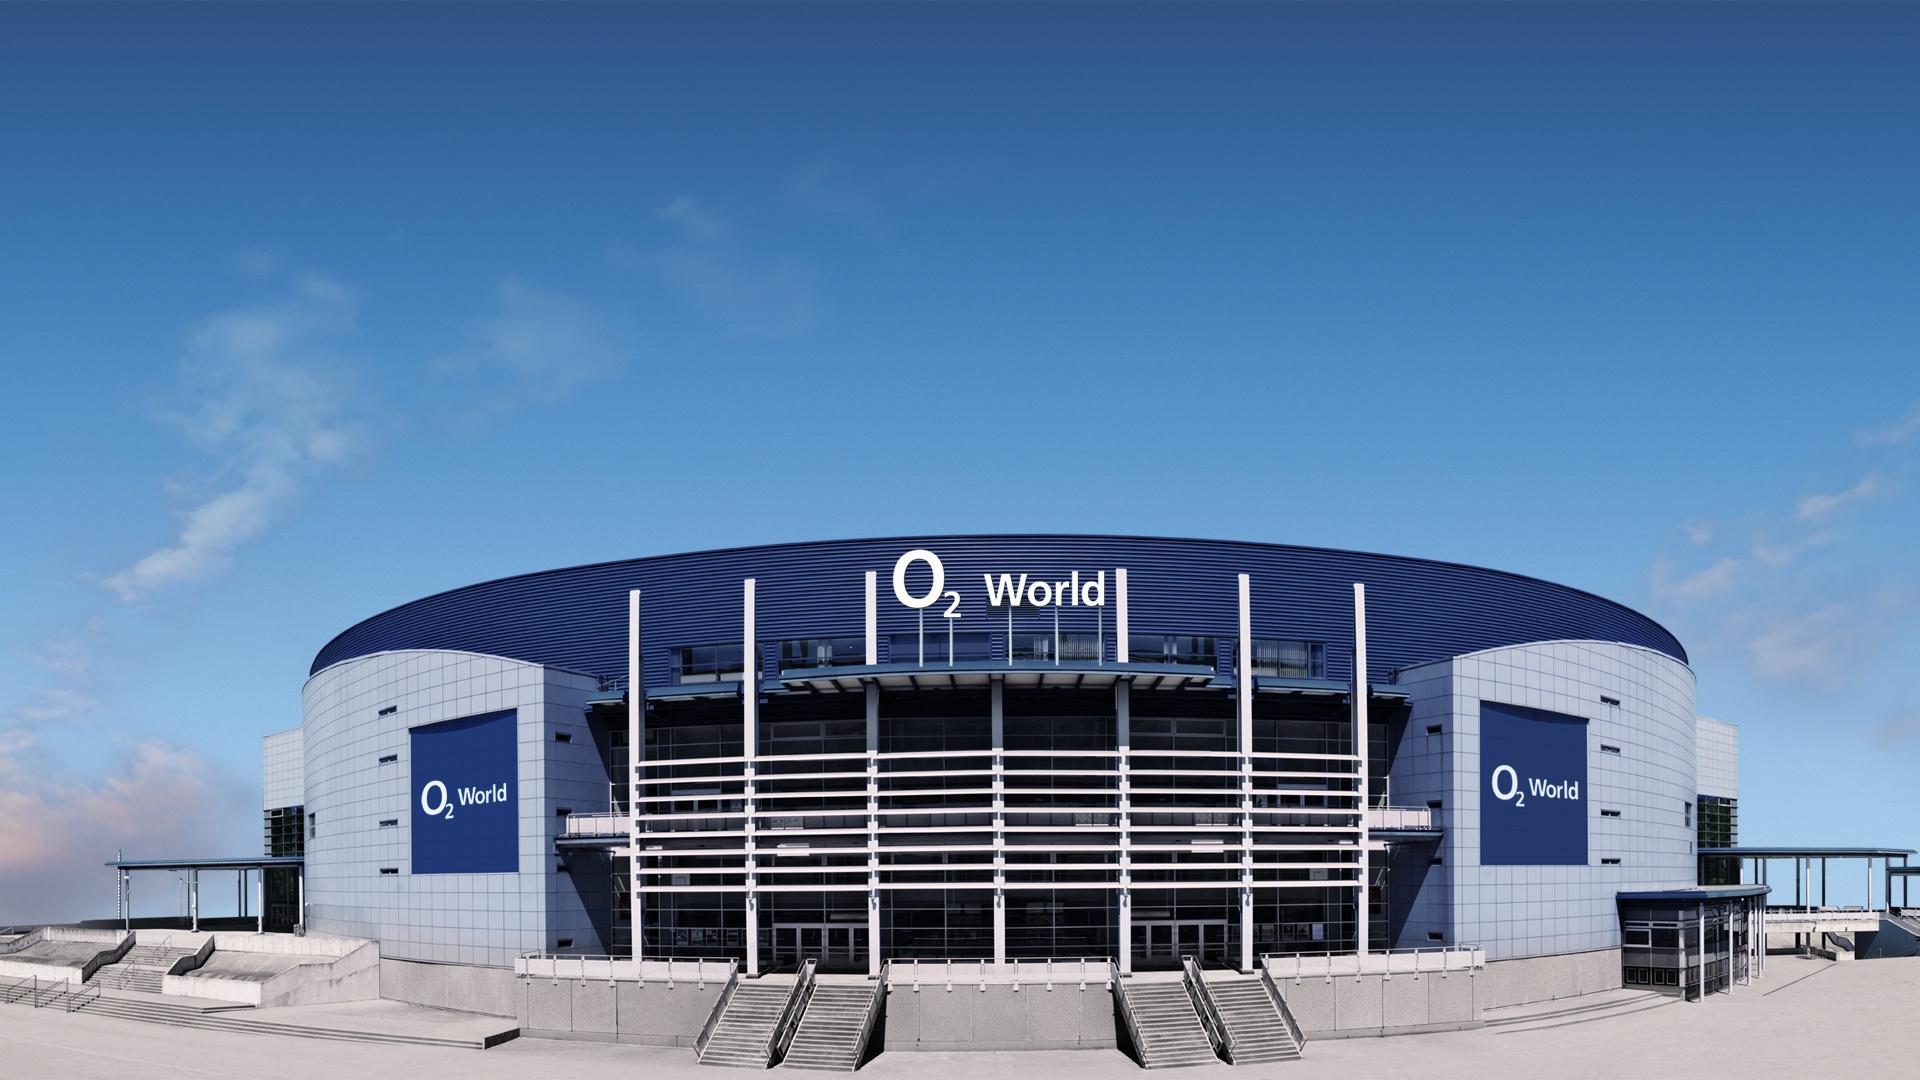 Markenpräsenz o2 World in Hamburg